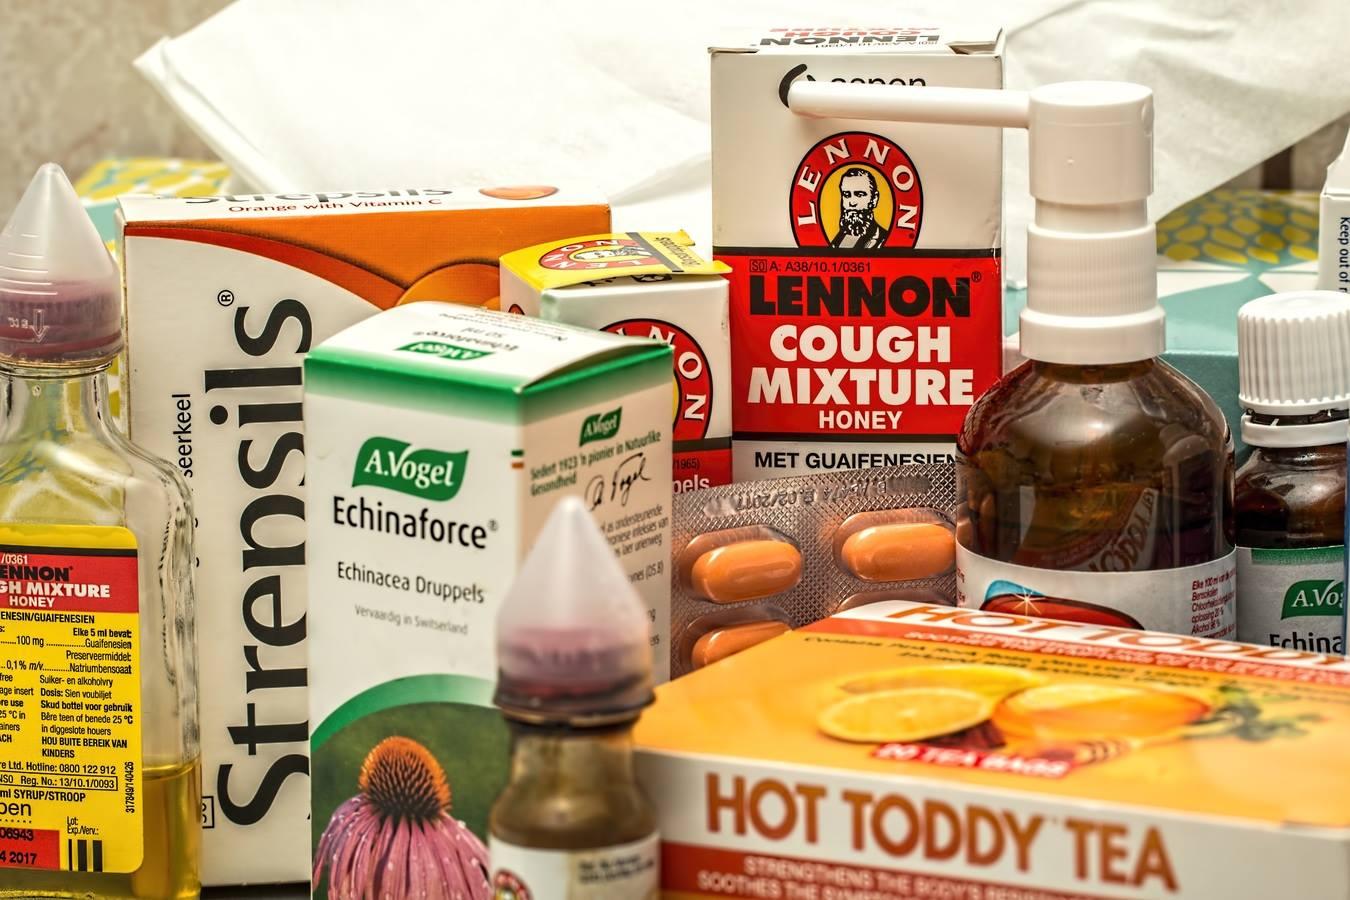 Les 12 médicaments que toute famille devrait avoir dans son armoire à pharmacie